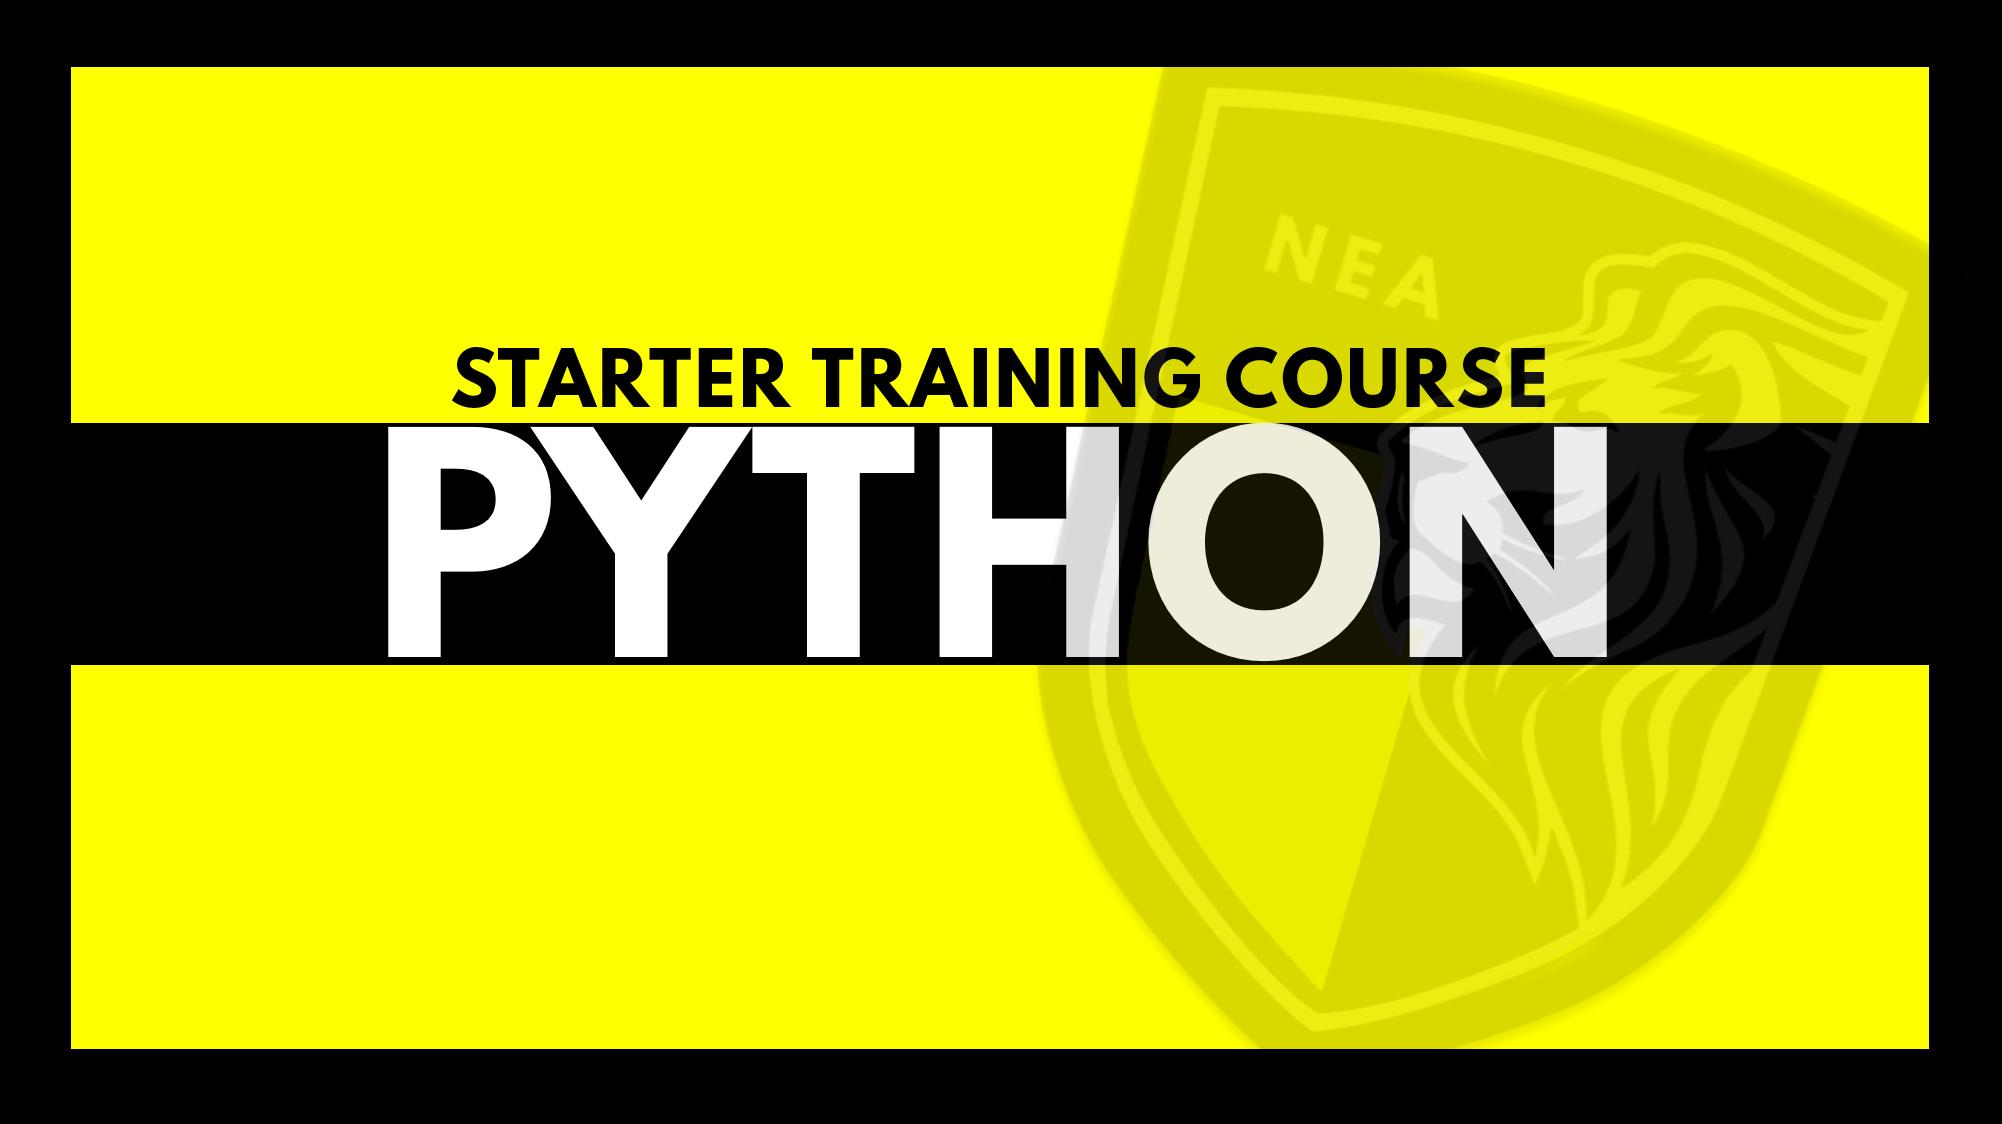 PYTHON NEA TRAINING